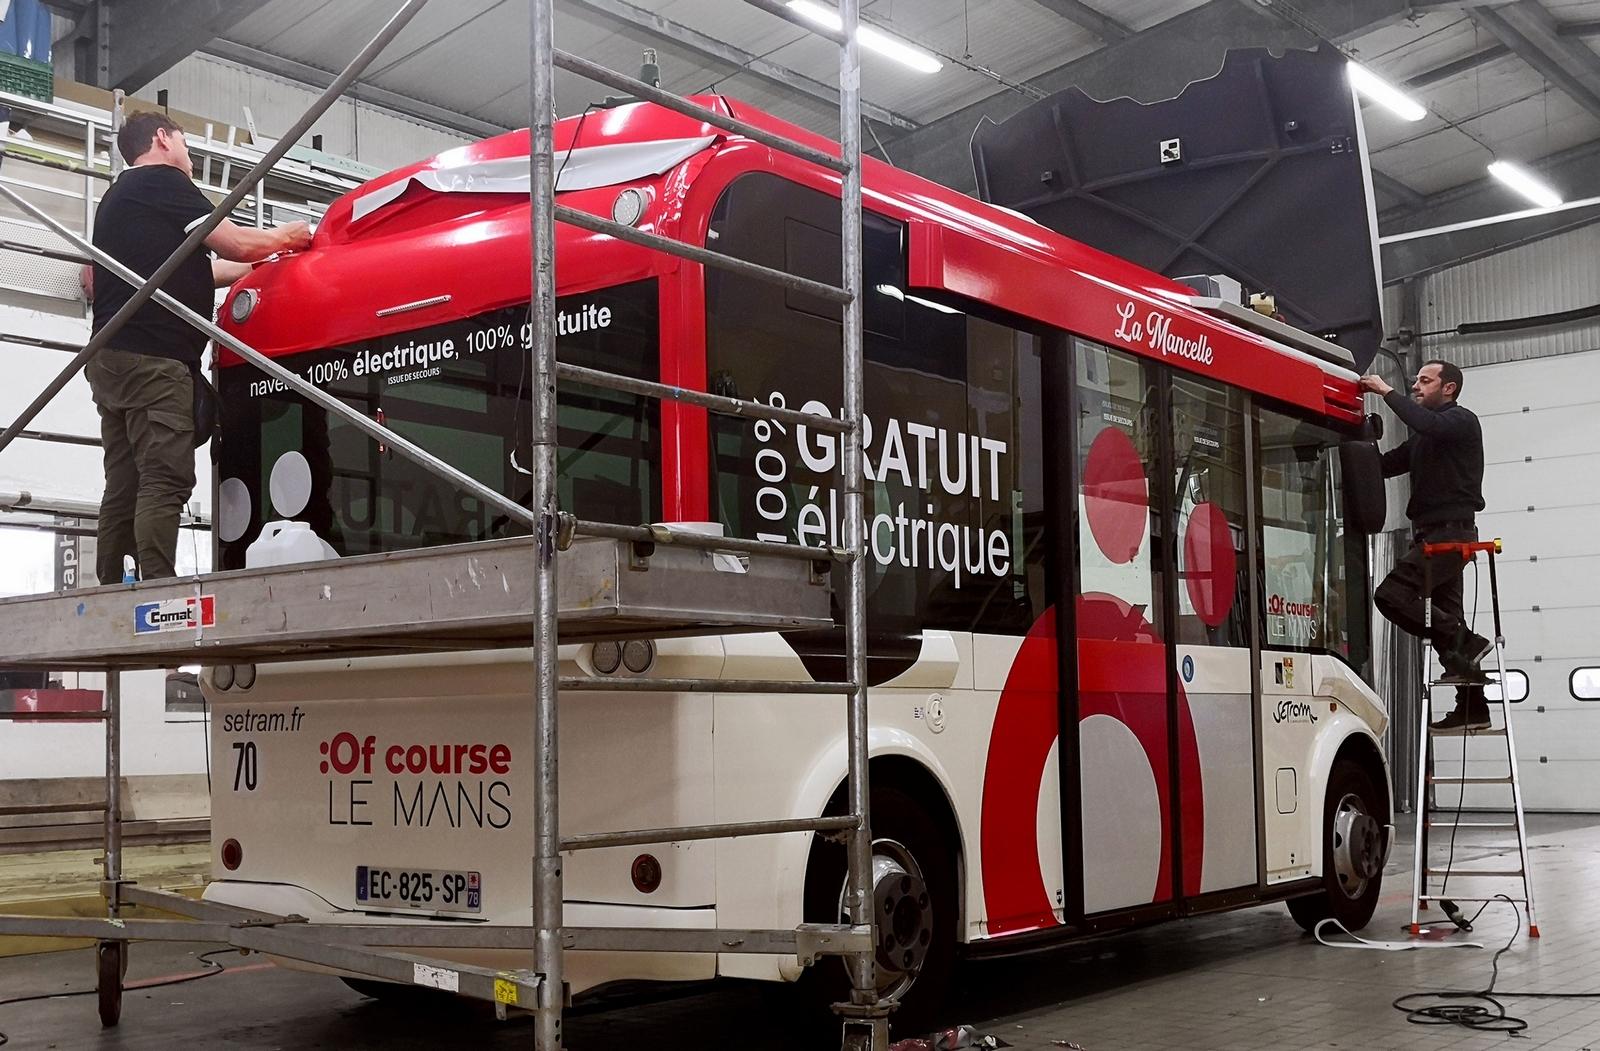 Pose adhésif sur un bus